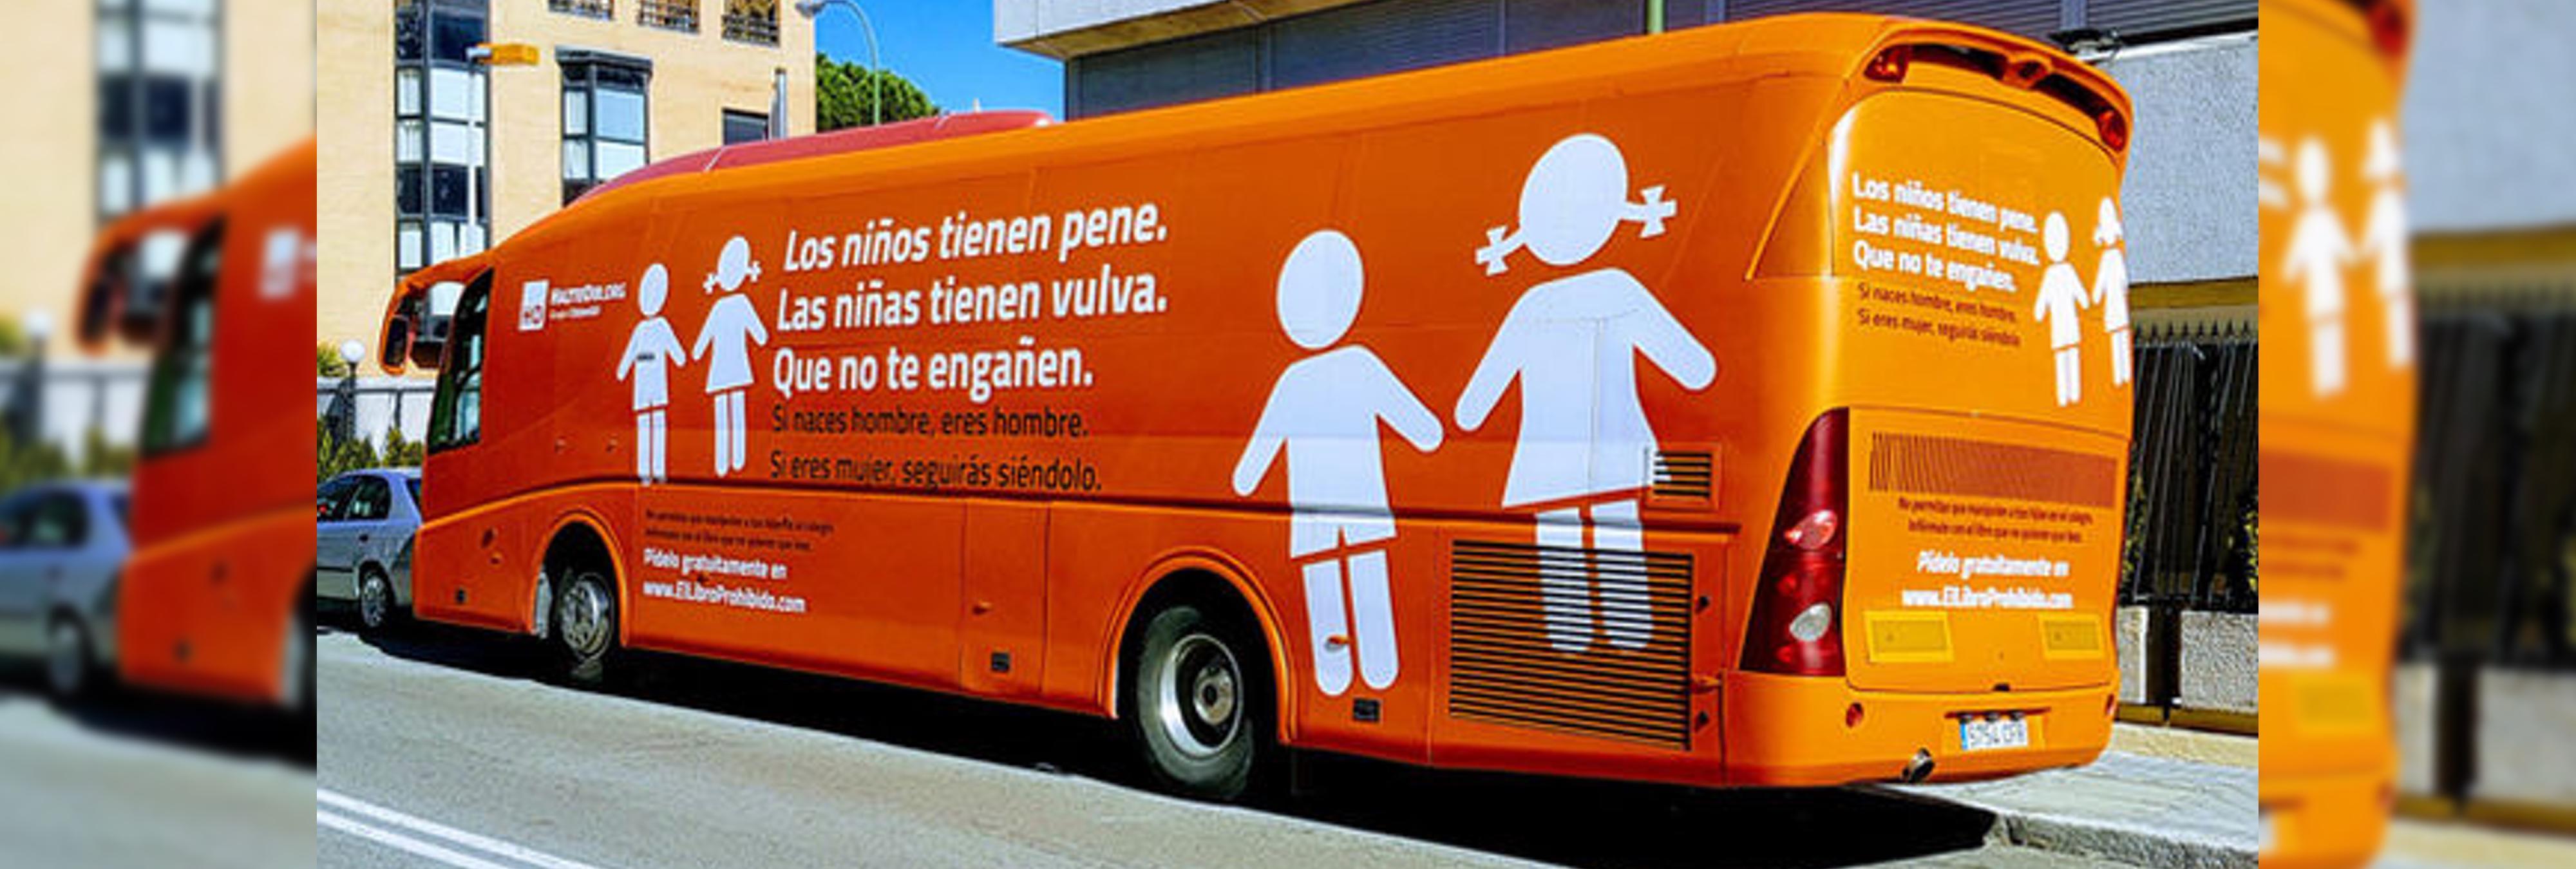 Carmena, Cifuentes y el PSOE tratan de frenar el autobús transfóbico de Hazte Oír